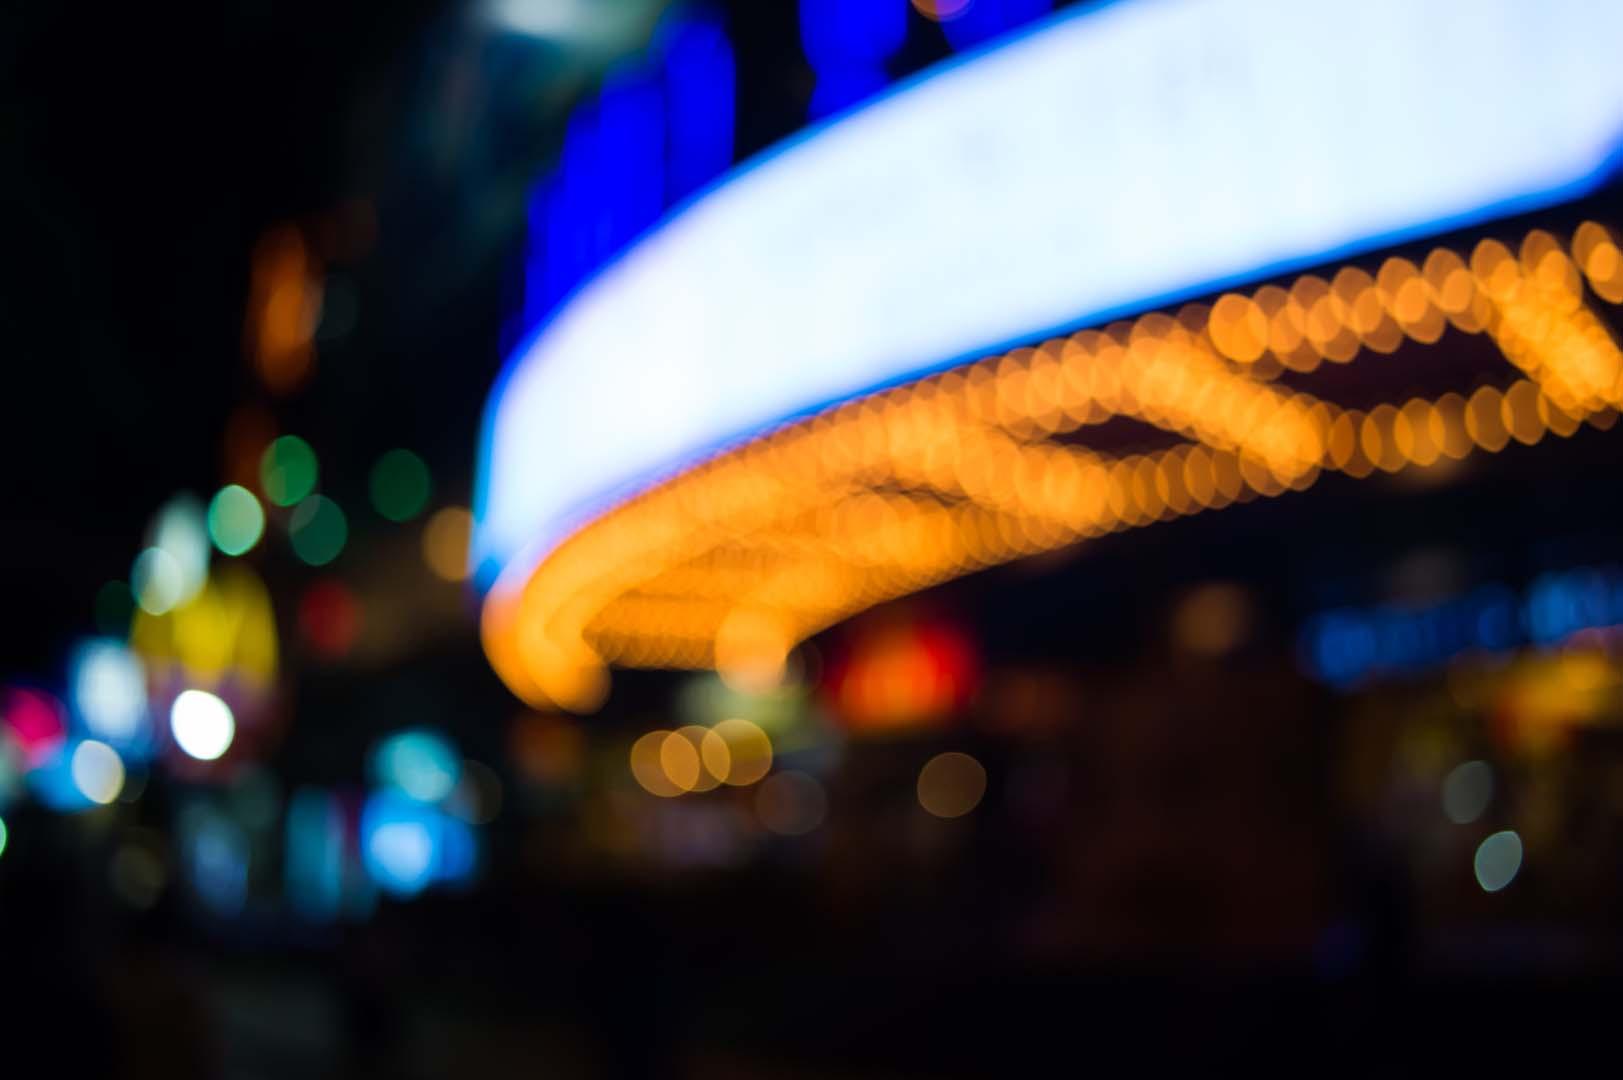 Eine grosse LED-Wand für Werbeanzeigen